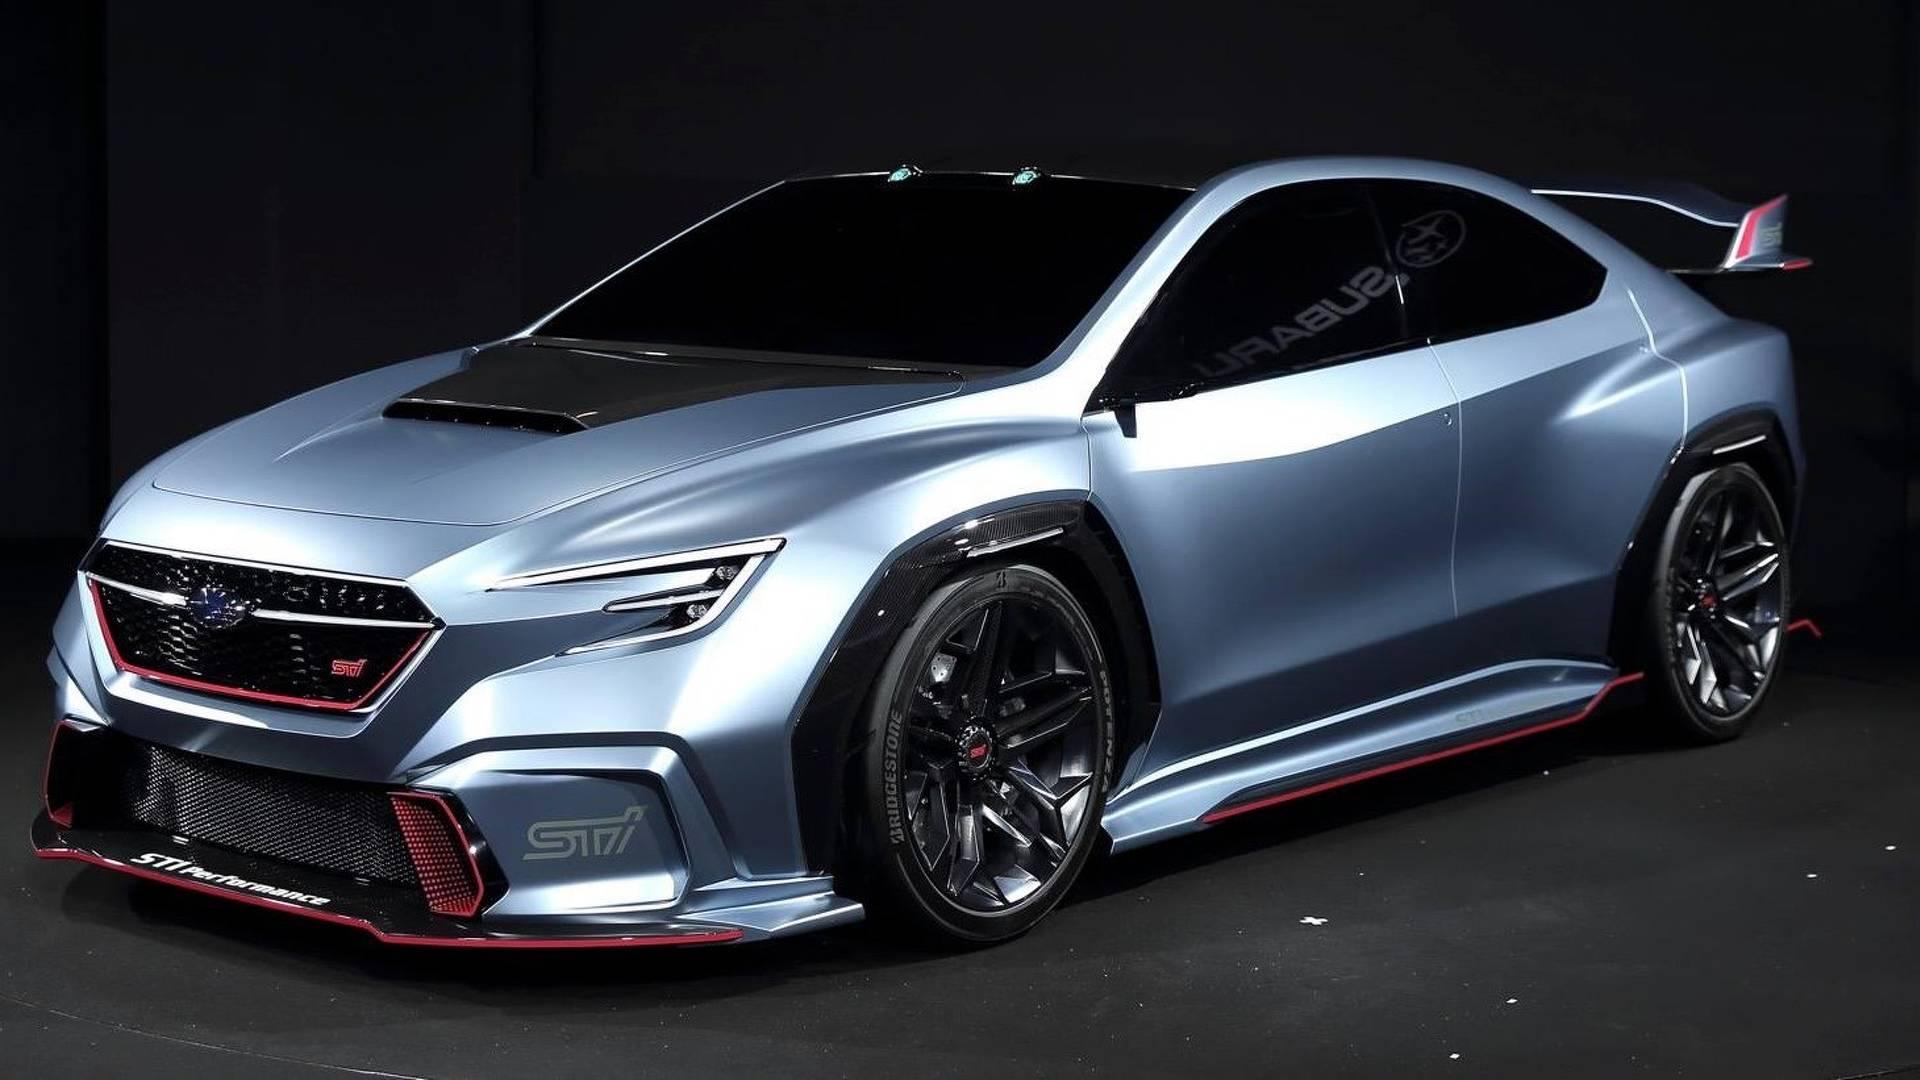 В Токио состоялась долгожданная премьера прототипа высокопроизводительного седана Subaru Viziv Performance STI Concept